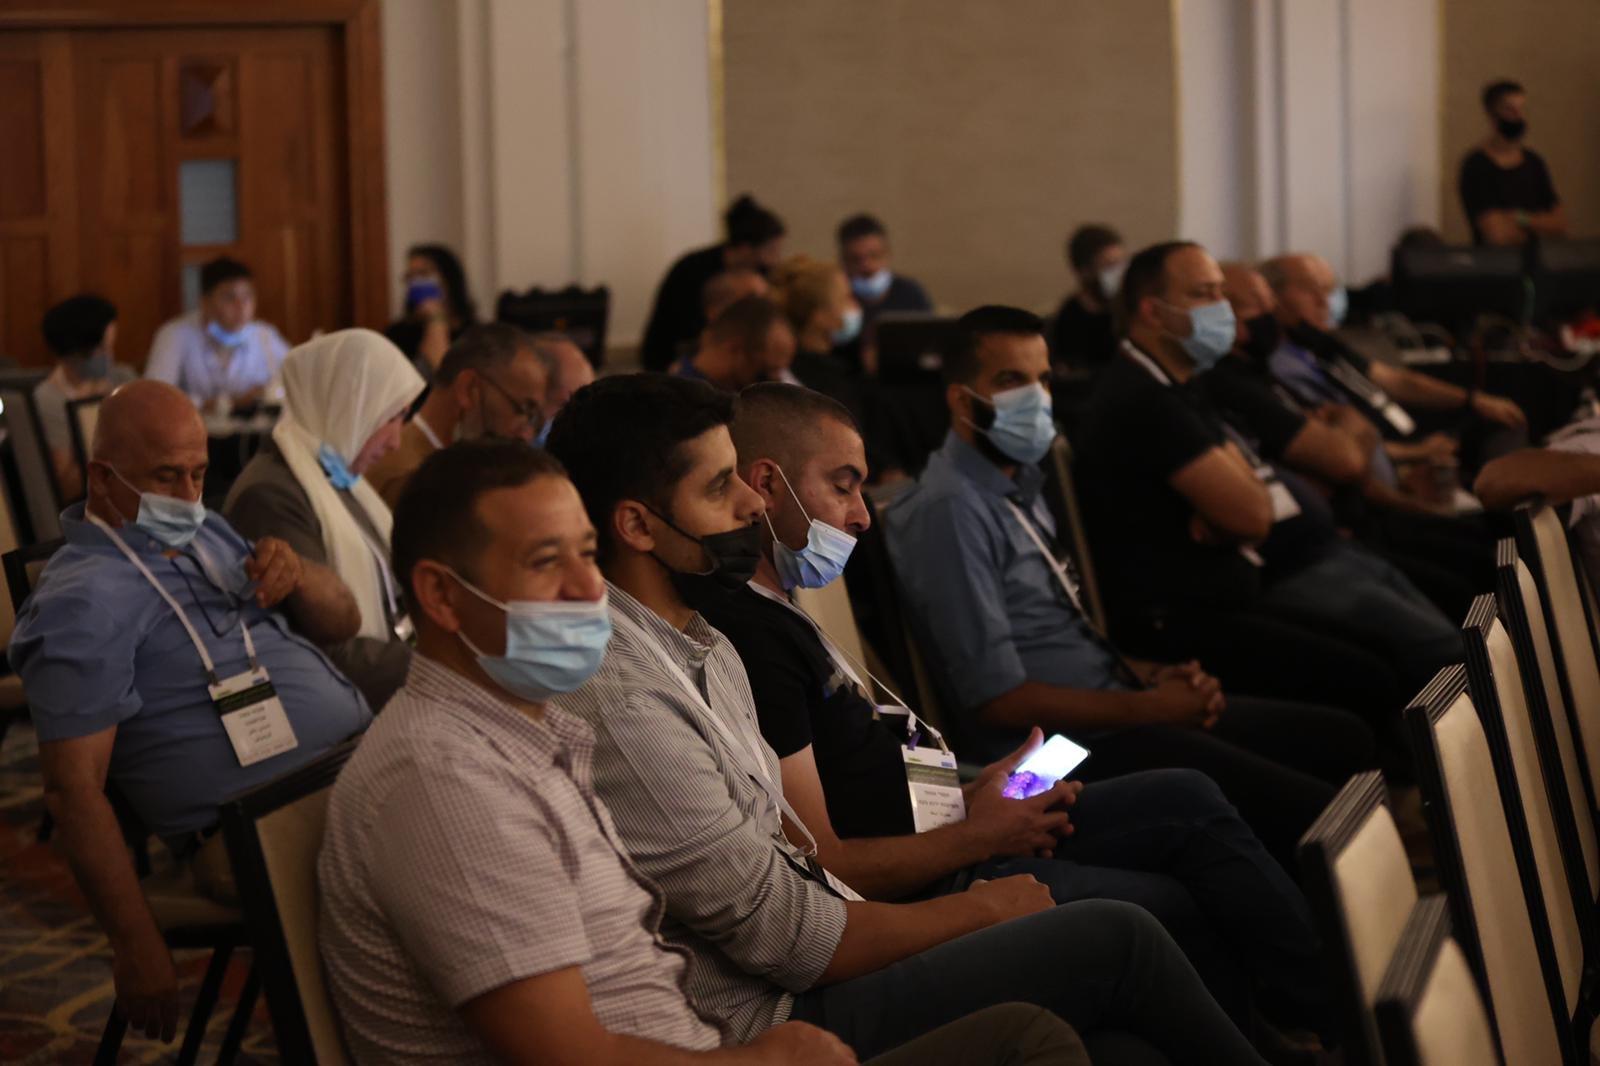 مشاركة كبيرة ومحاضرات هامة في المؤتمر الاقتصادي للمجتمع العربي بالناصرة-7